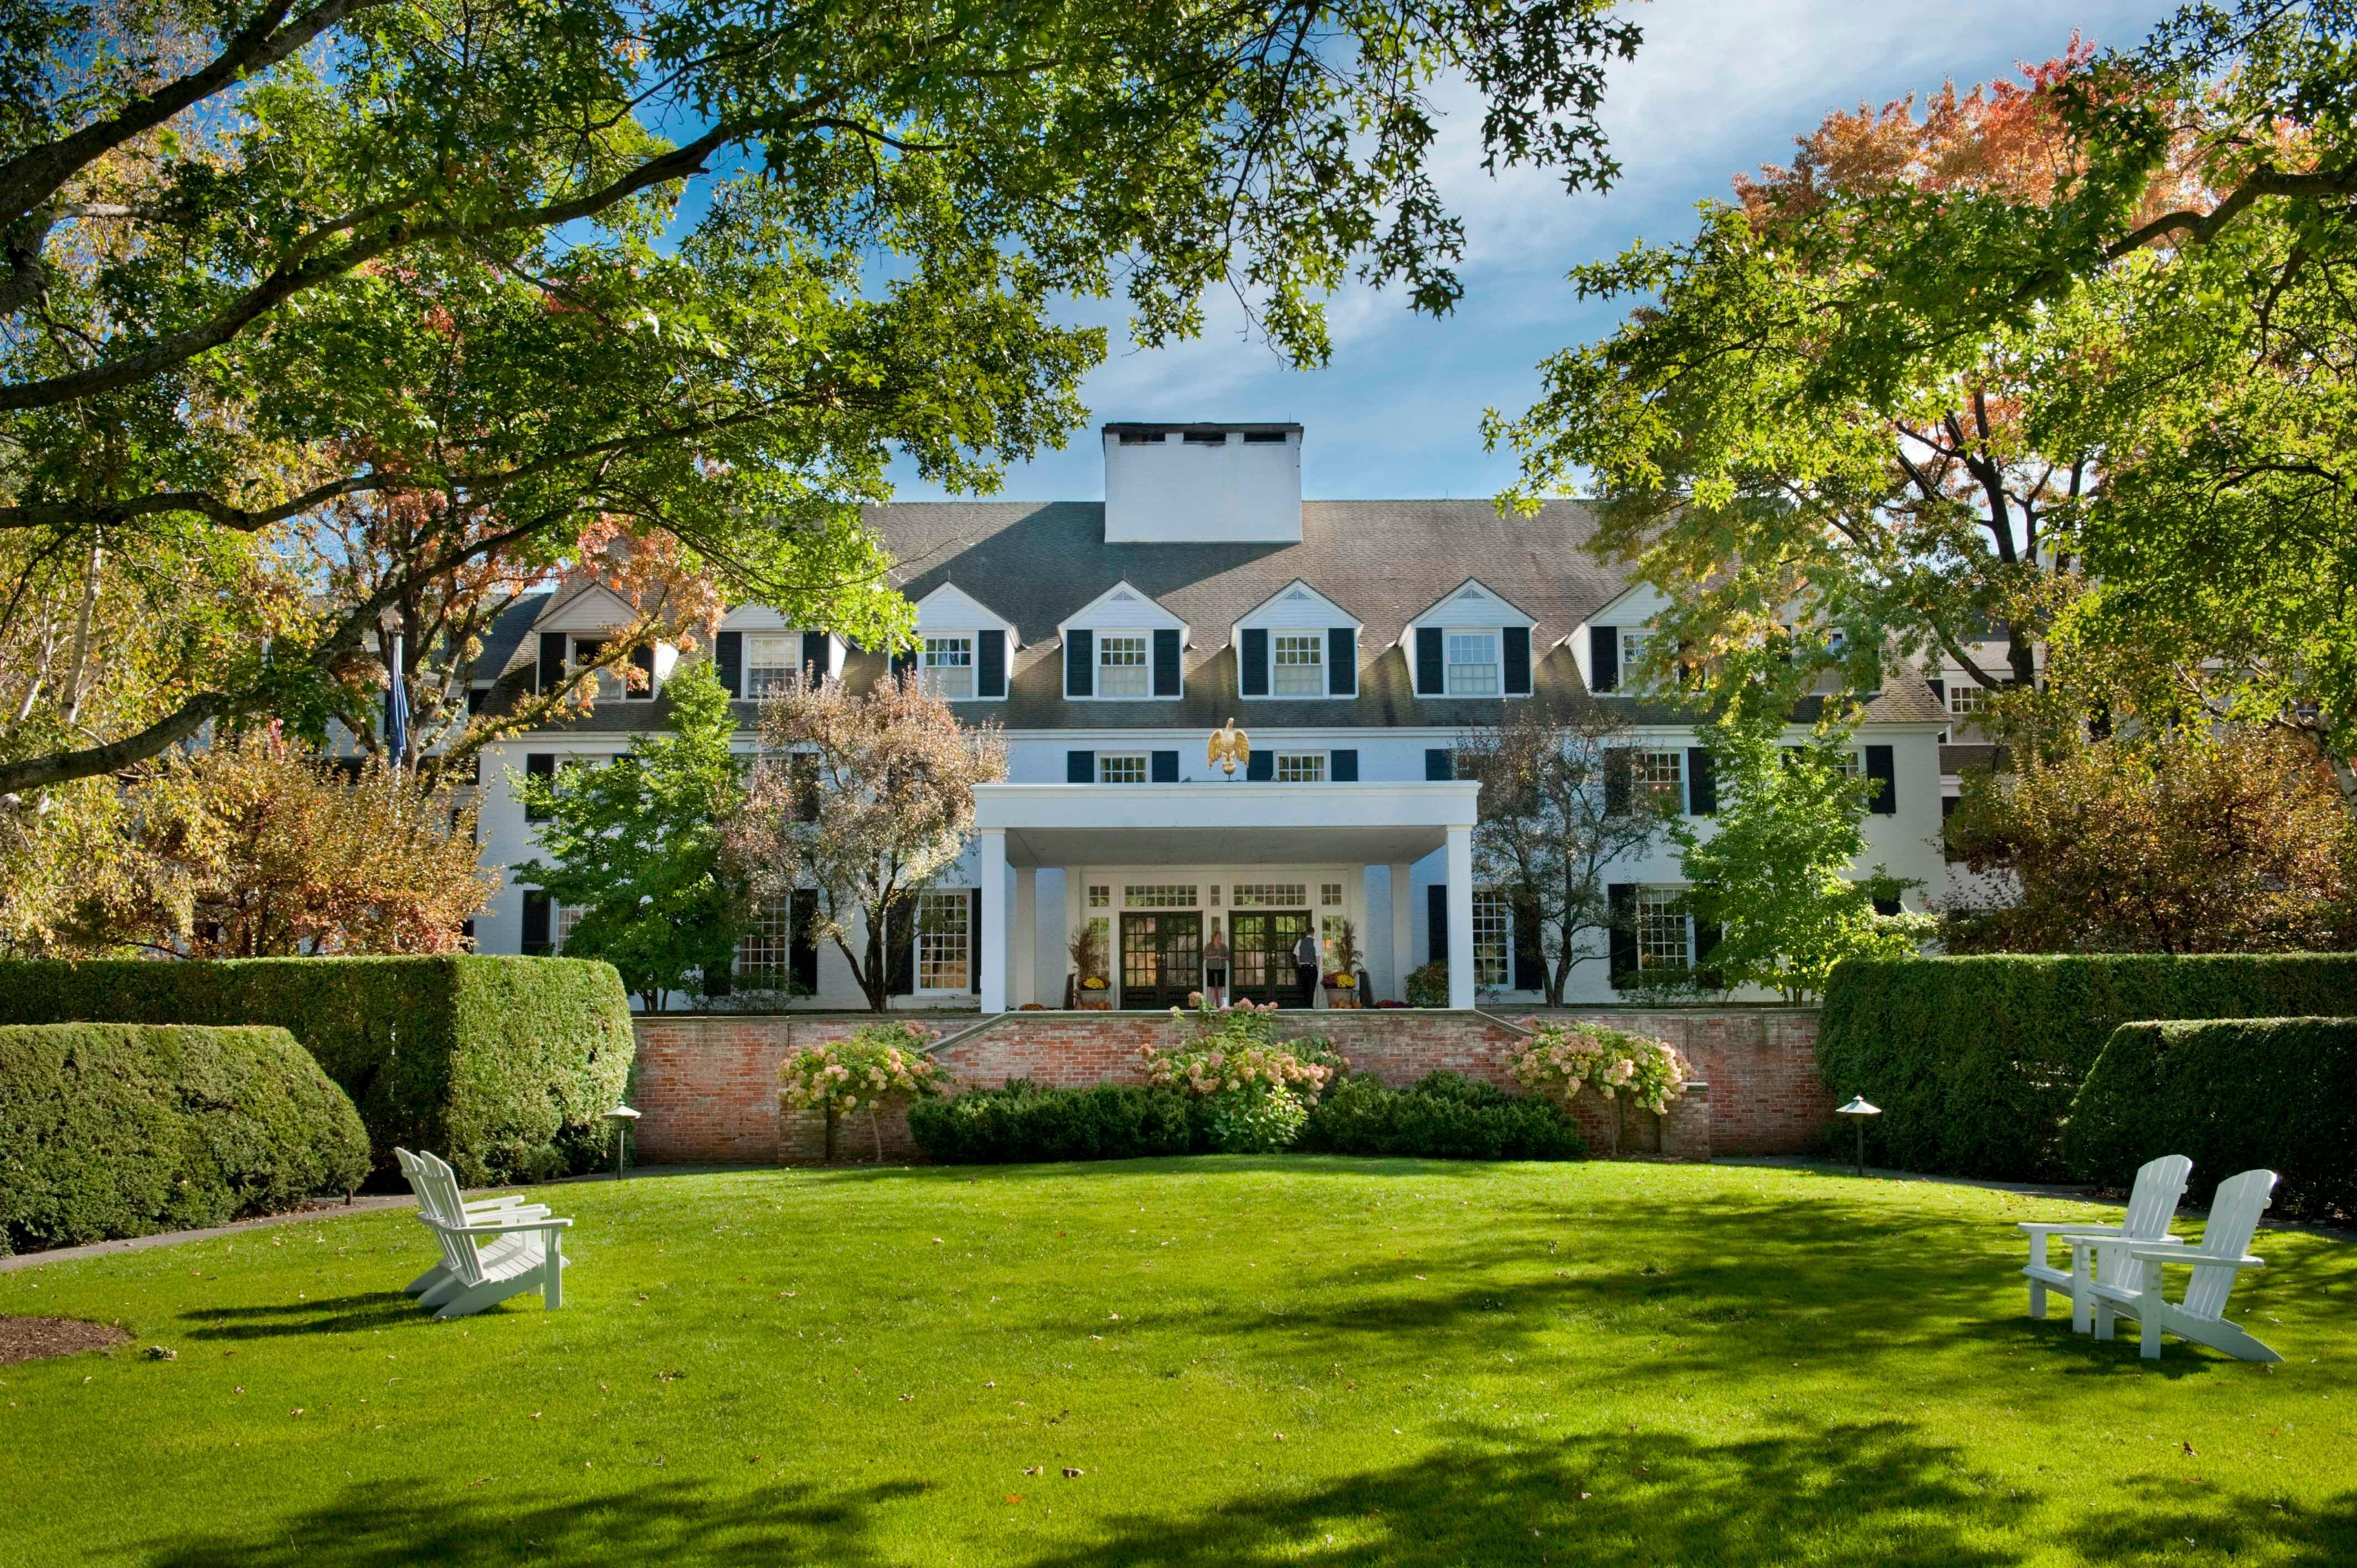 The Woodstock Inn Resort